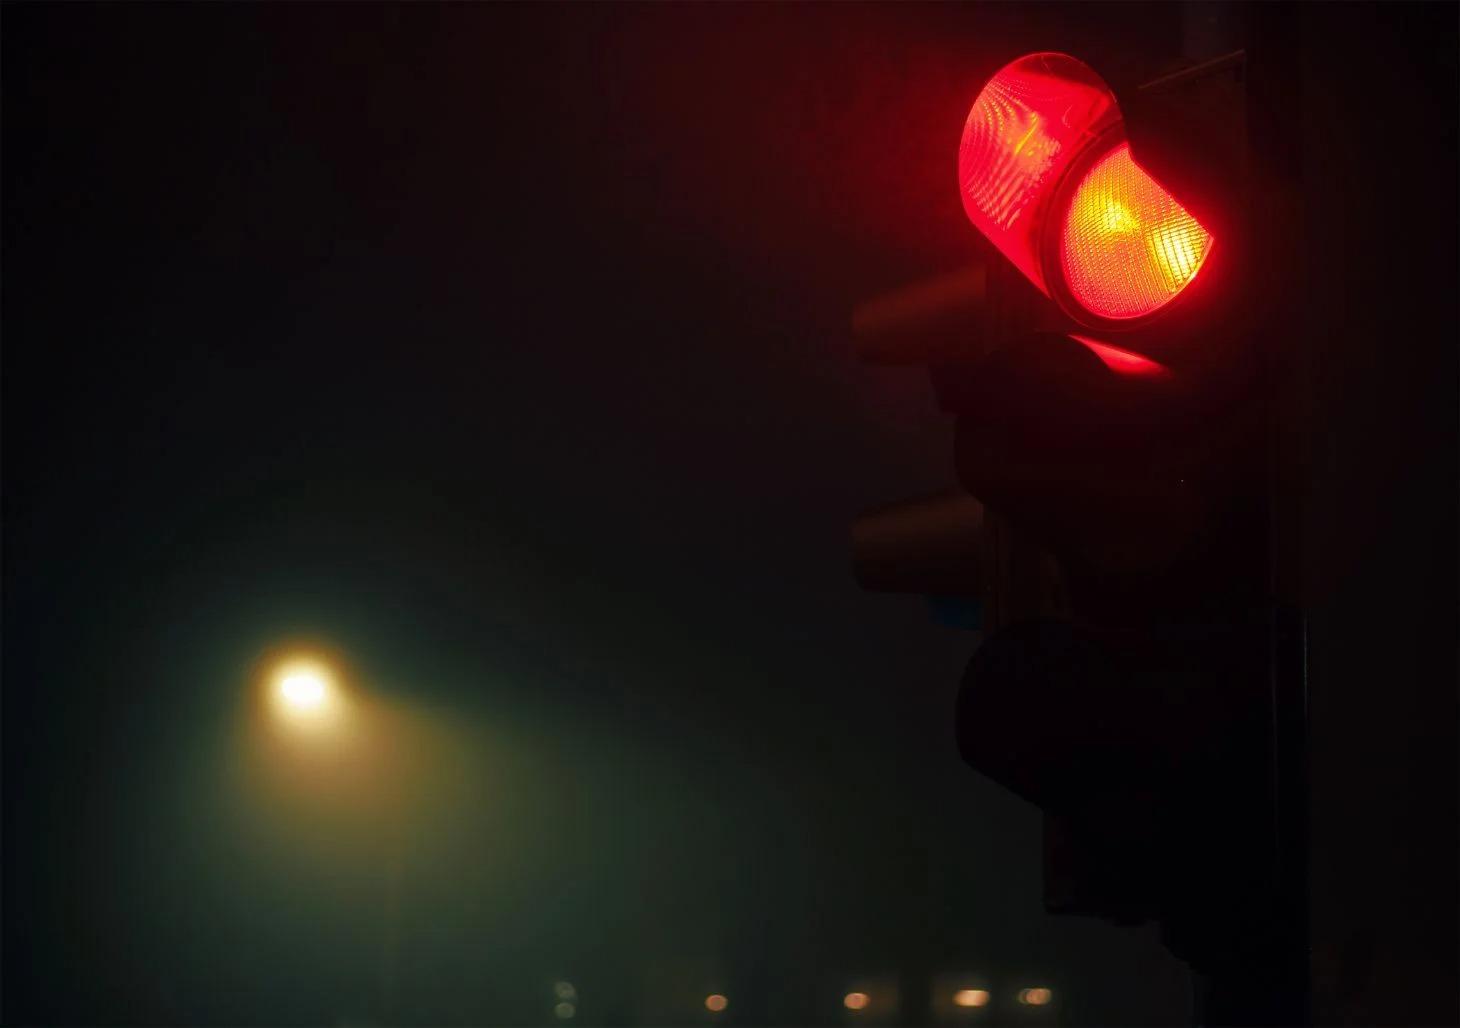 existe uma situação específica em que é permitido avançar o sinal vermelho